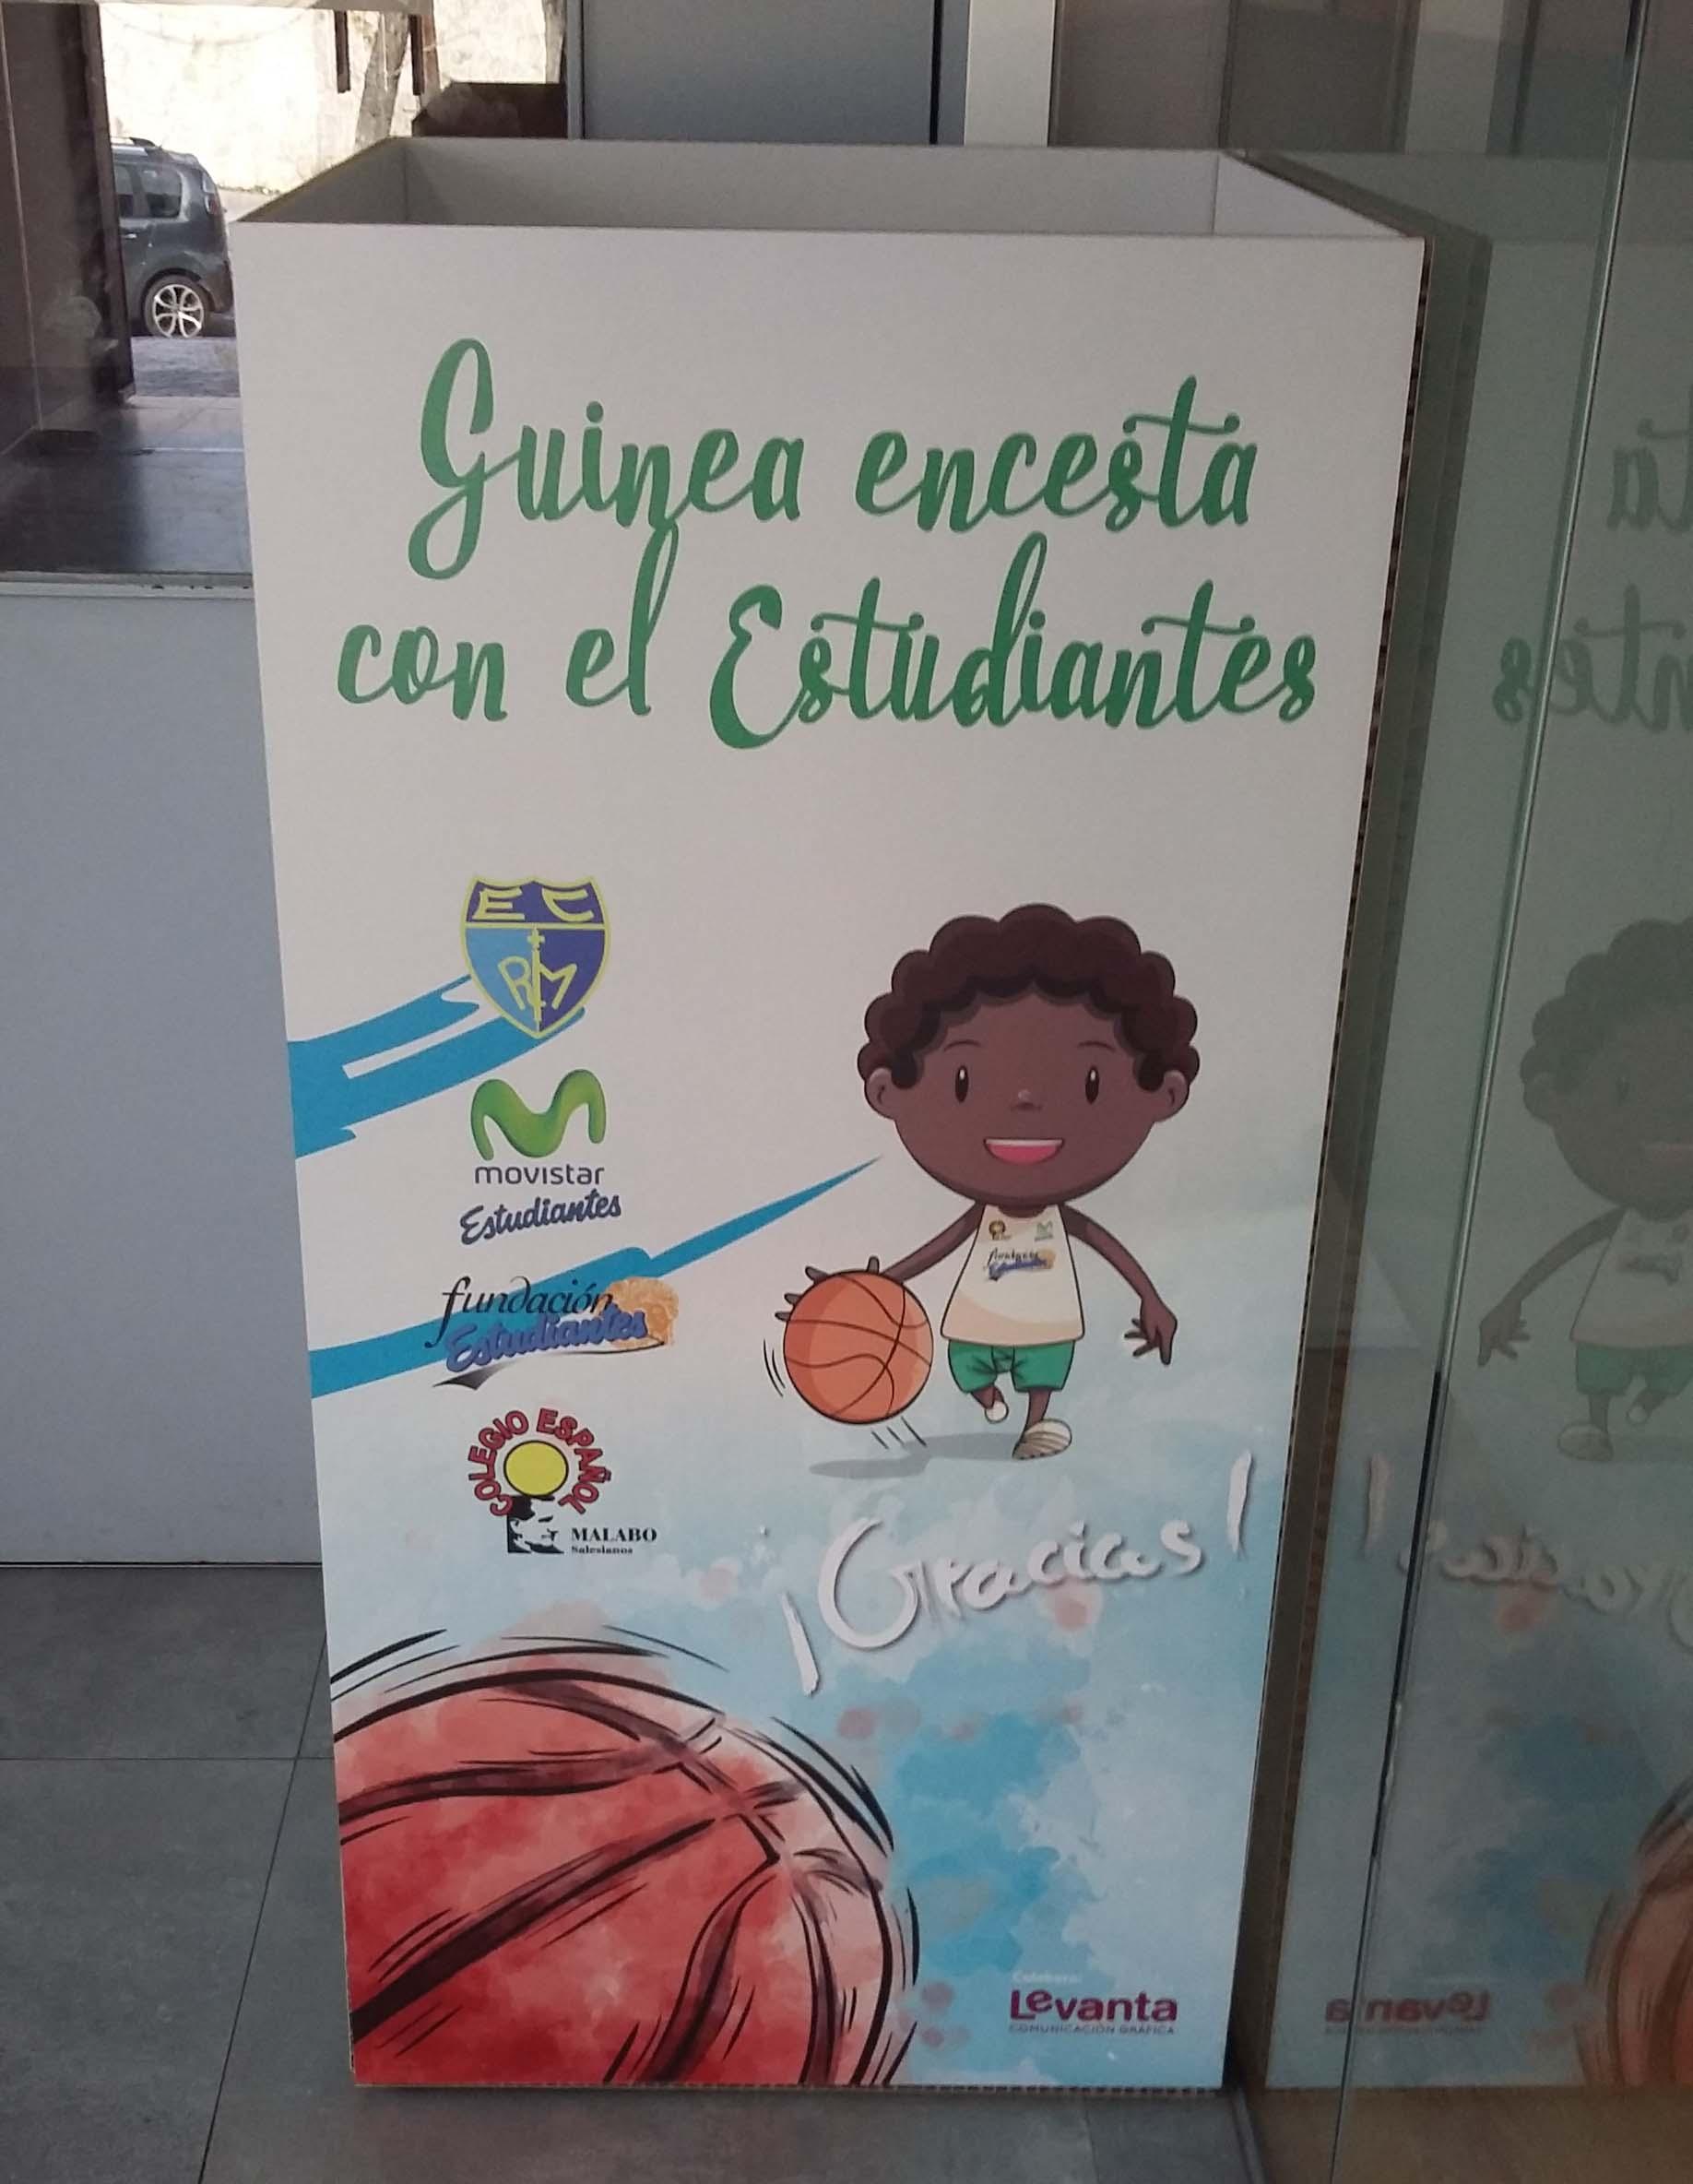 Recogida de material deportivo en buen estado para el Colegio Español de Malabo (Guinea Ecuatorial)